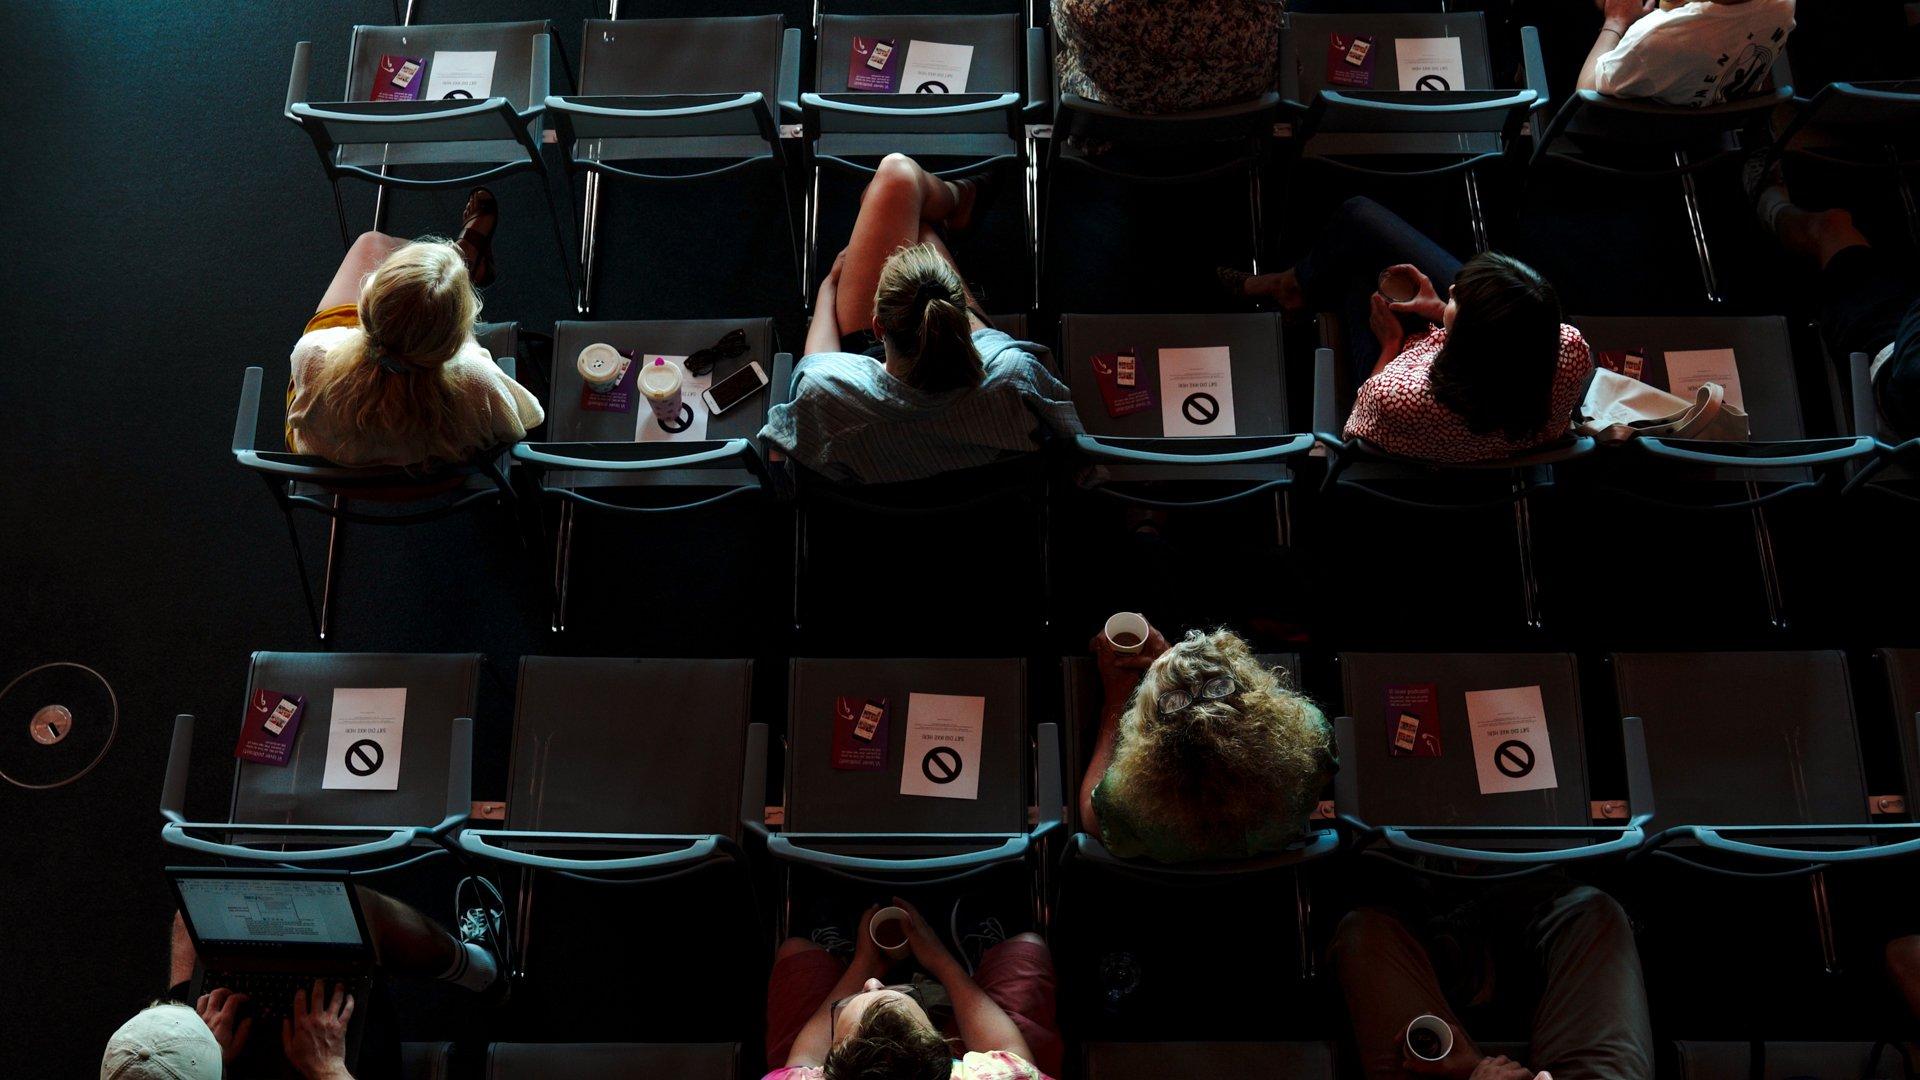 Forsamlingsloftet ved blandt andet møder og konferencer hæves over flere faser frem mod den 1. august. Arkivpressefoto fra Wonderful Copenhagen:Daniel Rasmussen.